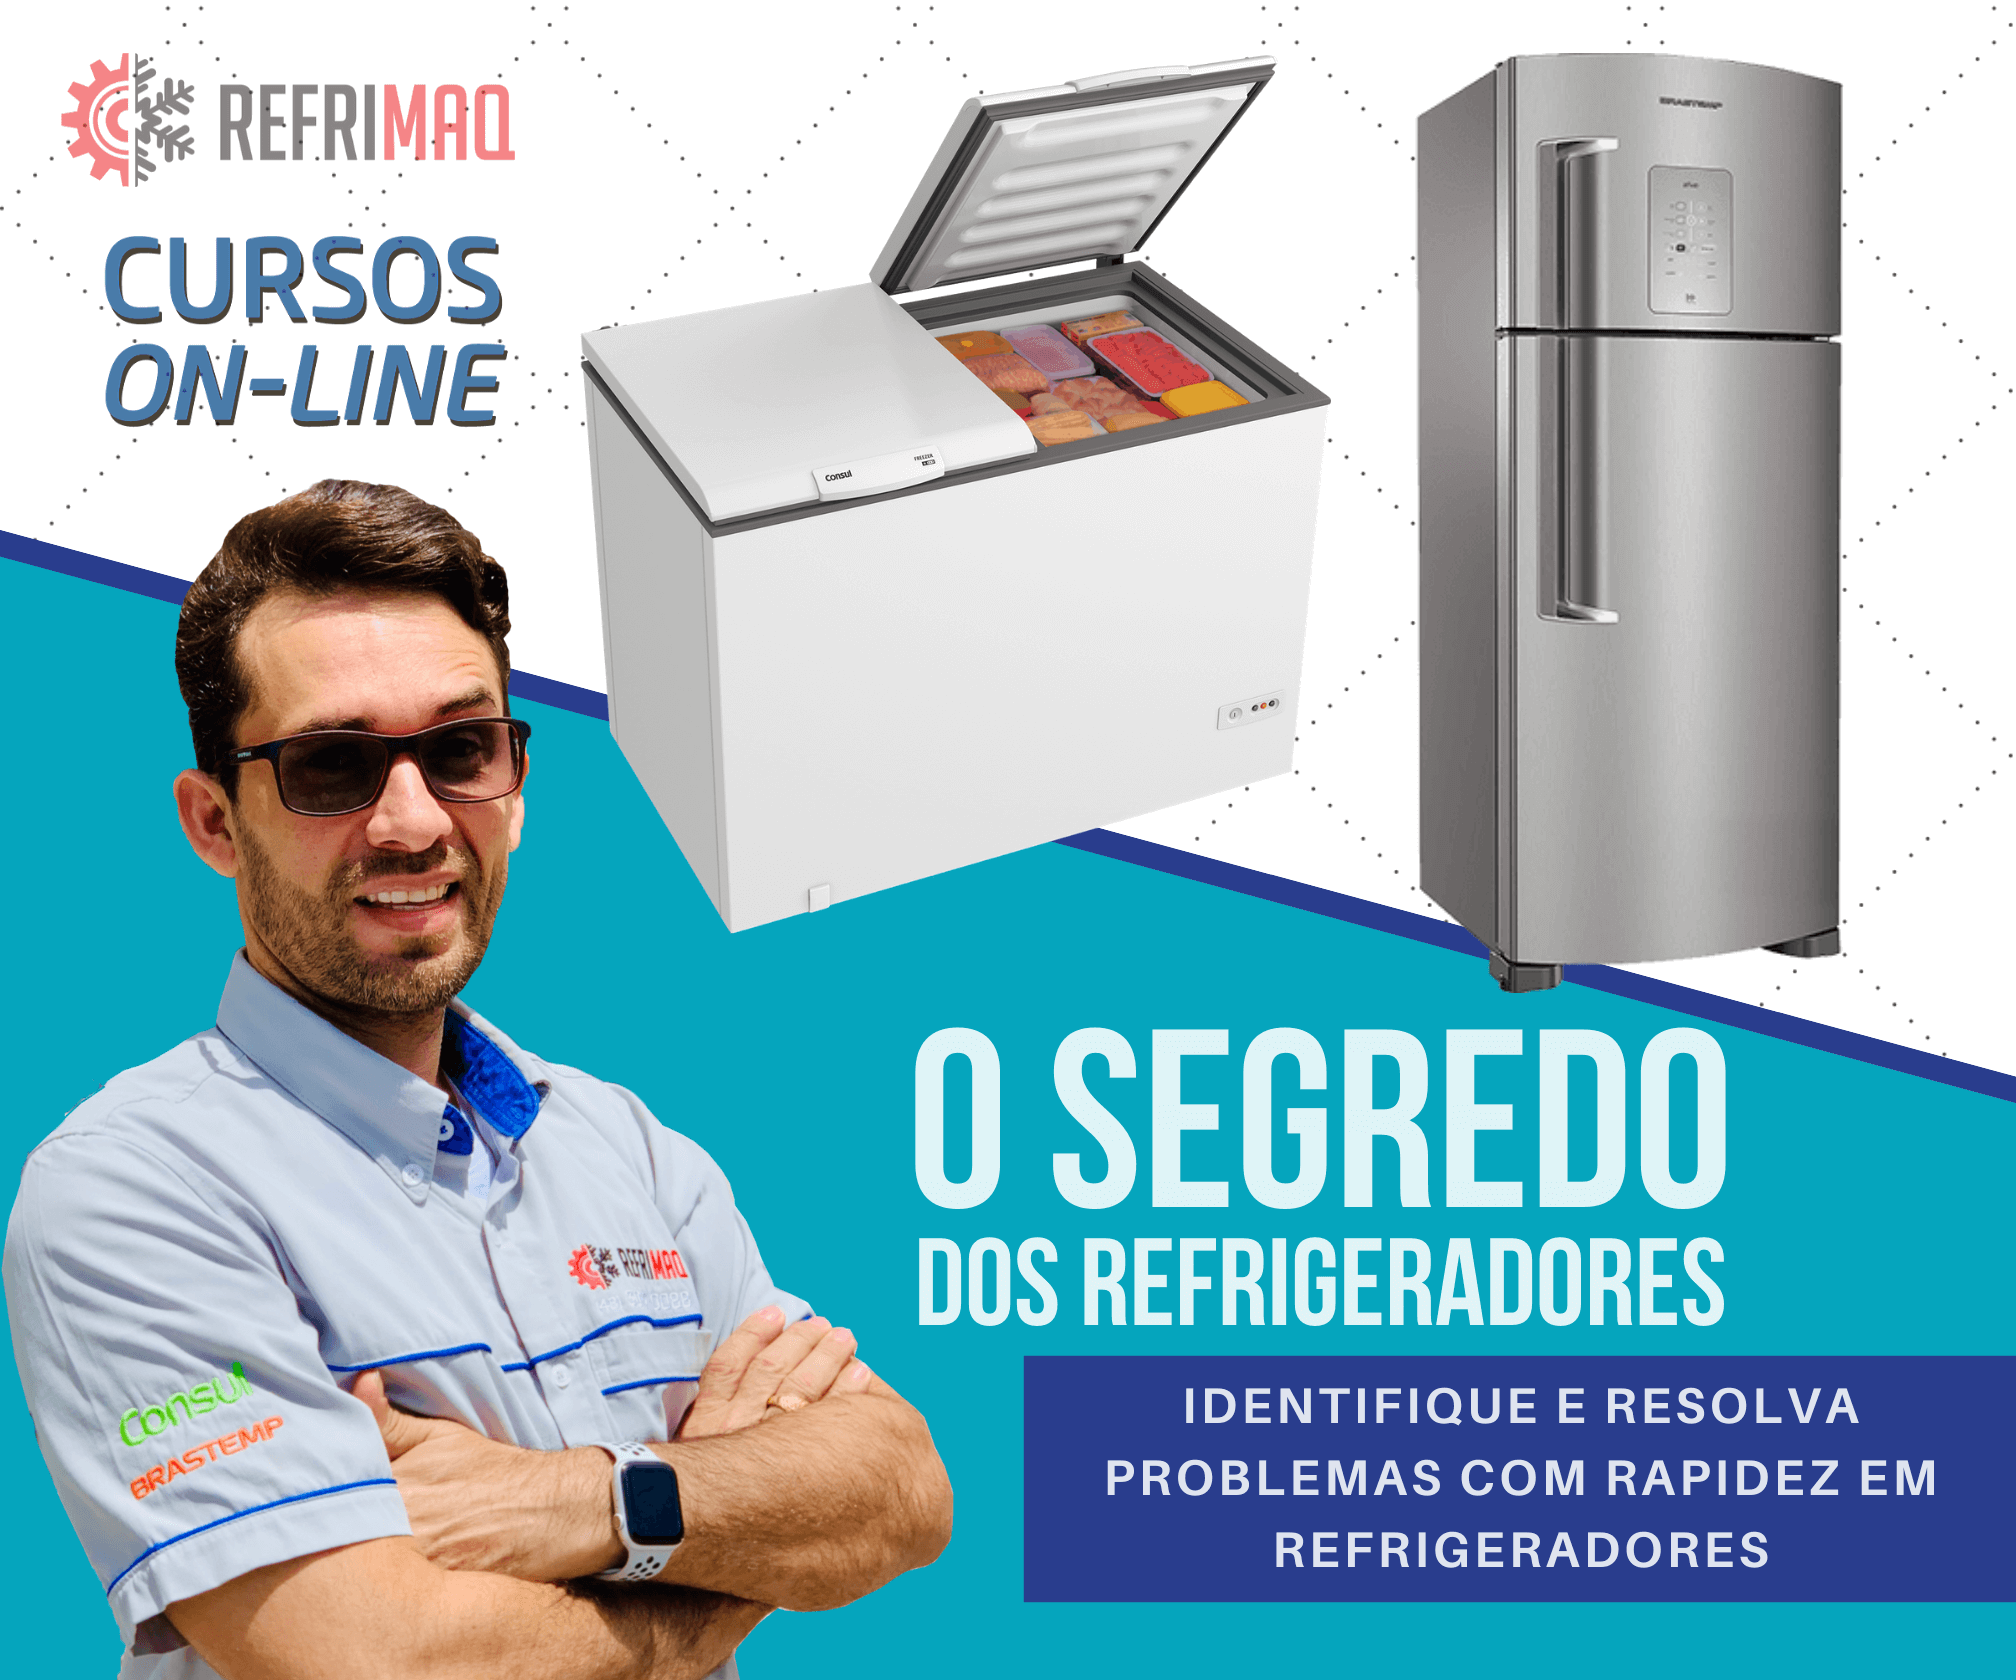 banner o segredo dos refrigeradores 336x280 max